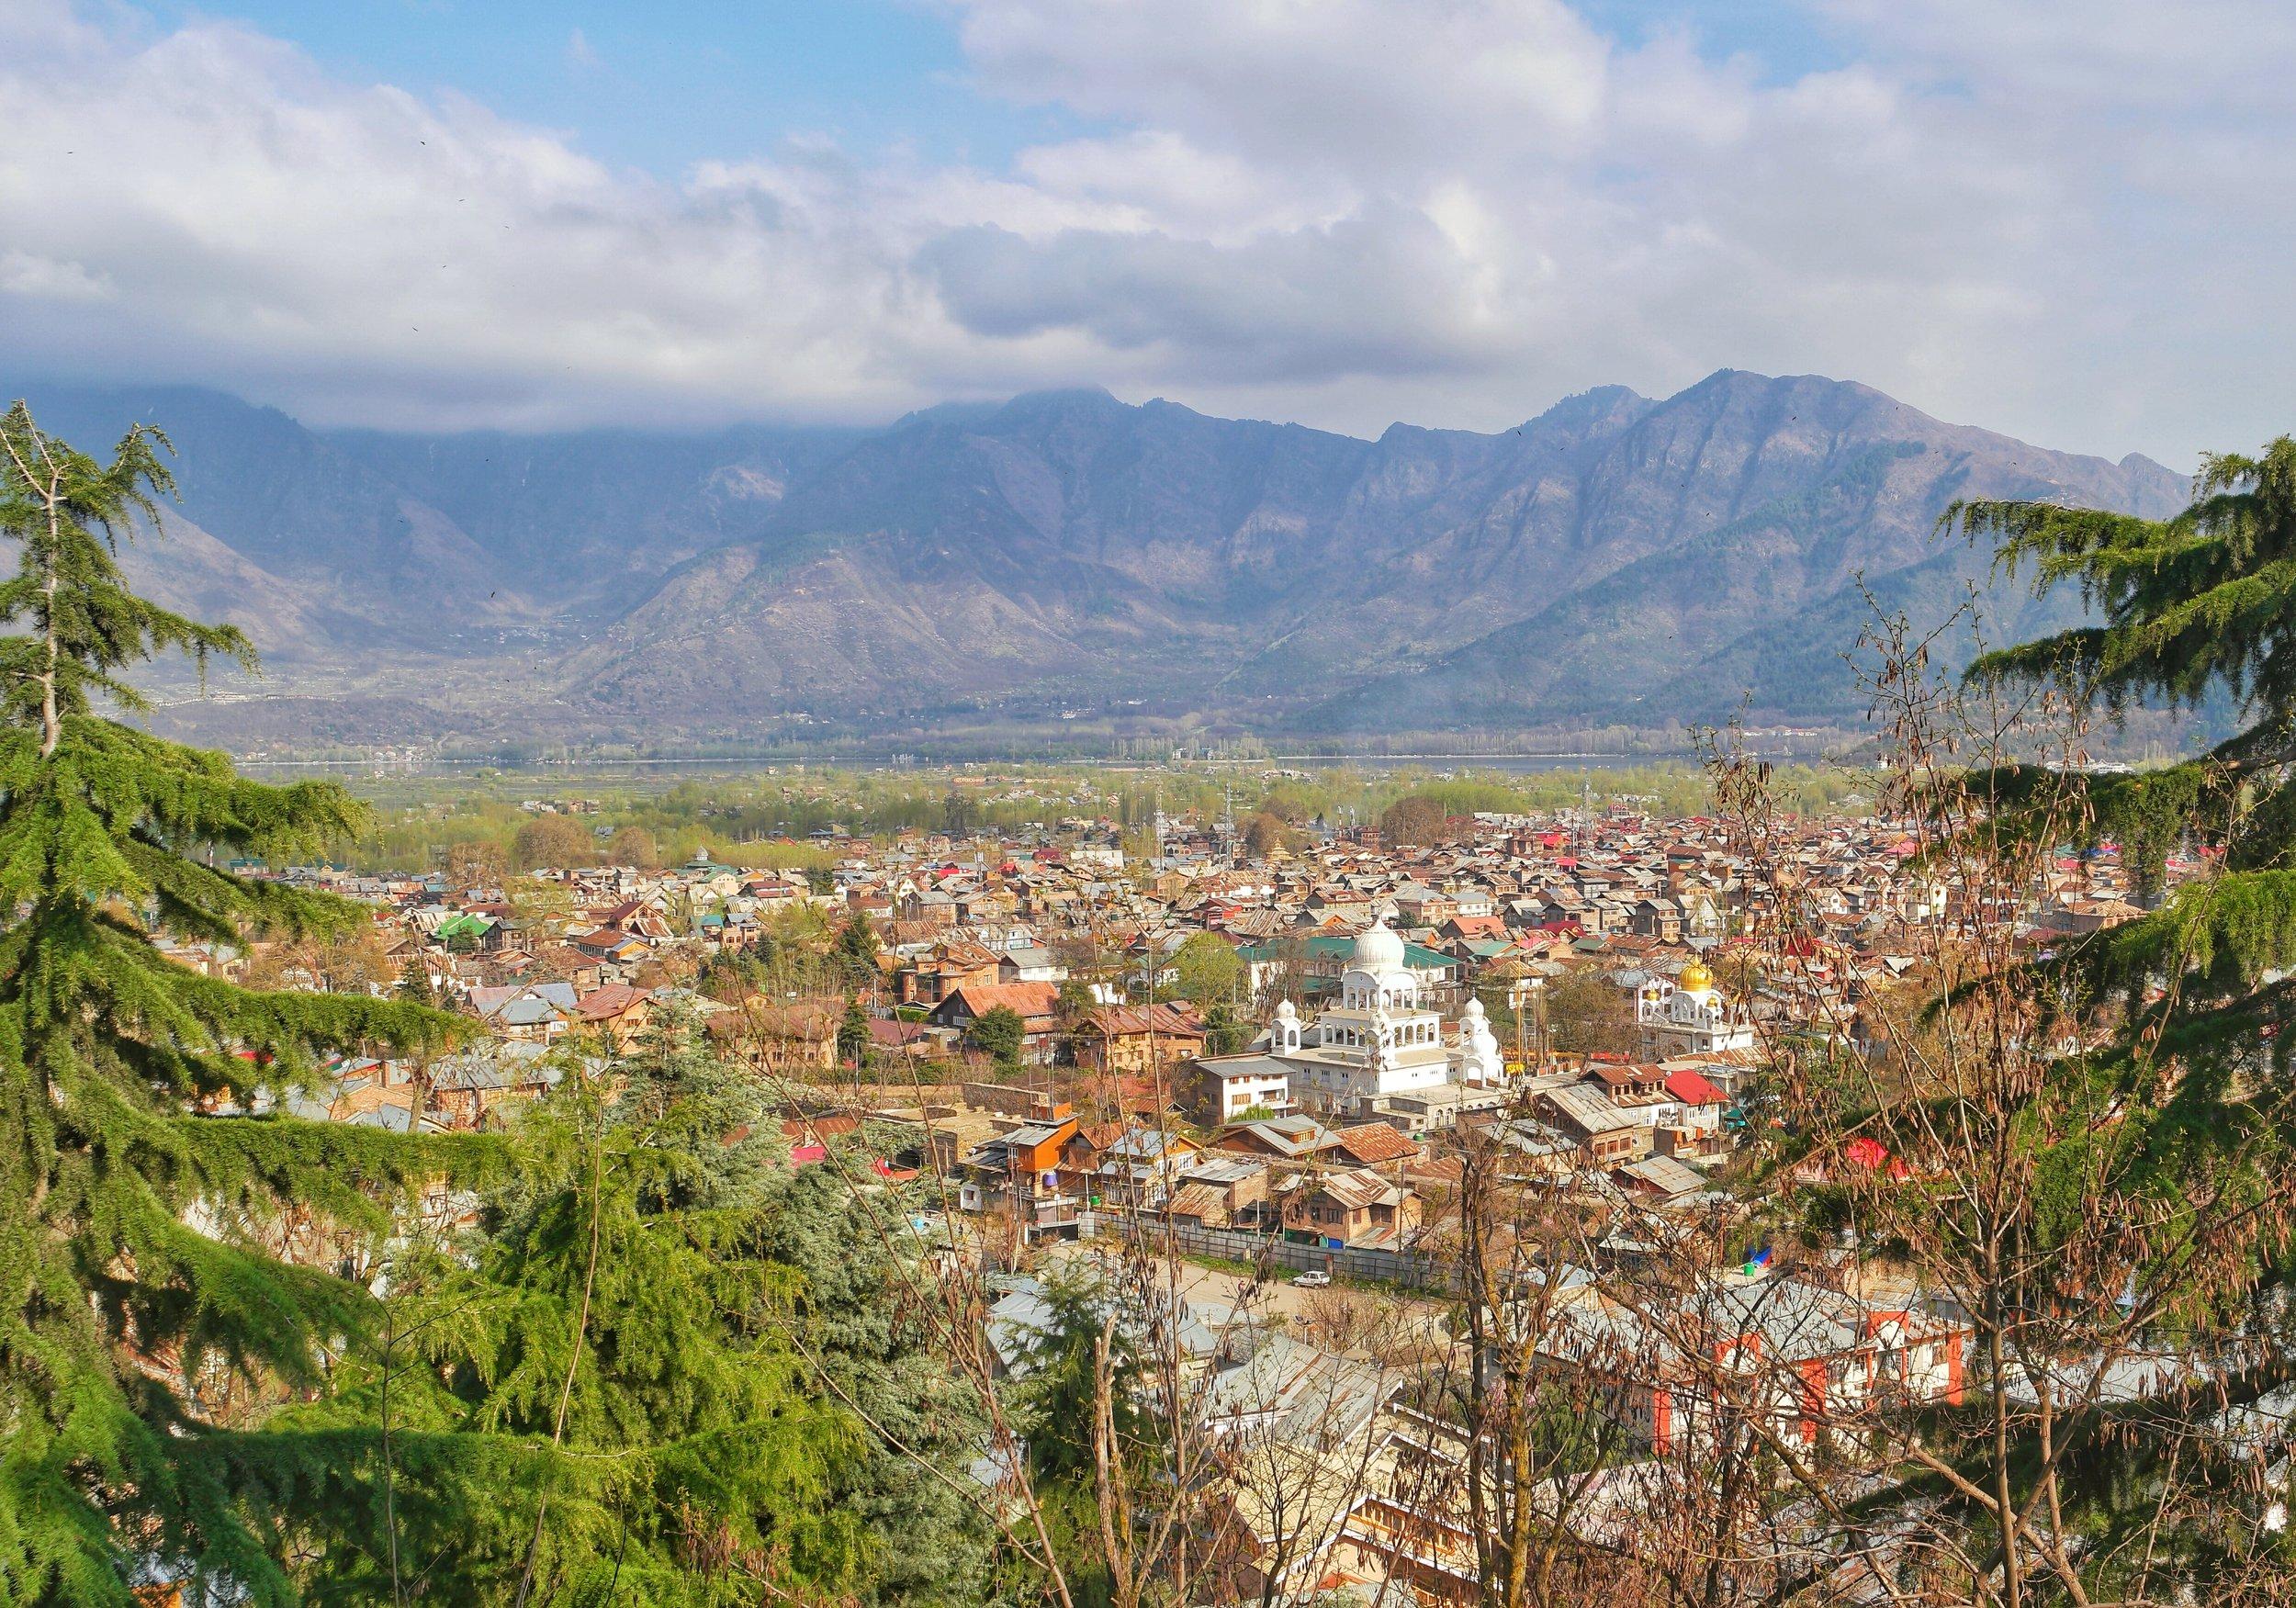 The Chatti Padshahi Gurudwara as seen from the Hari Parbat